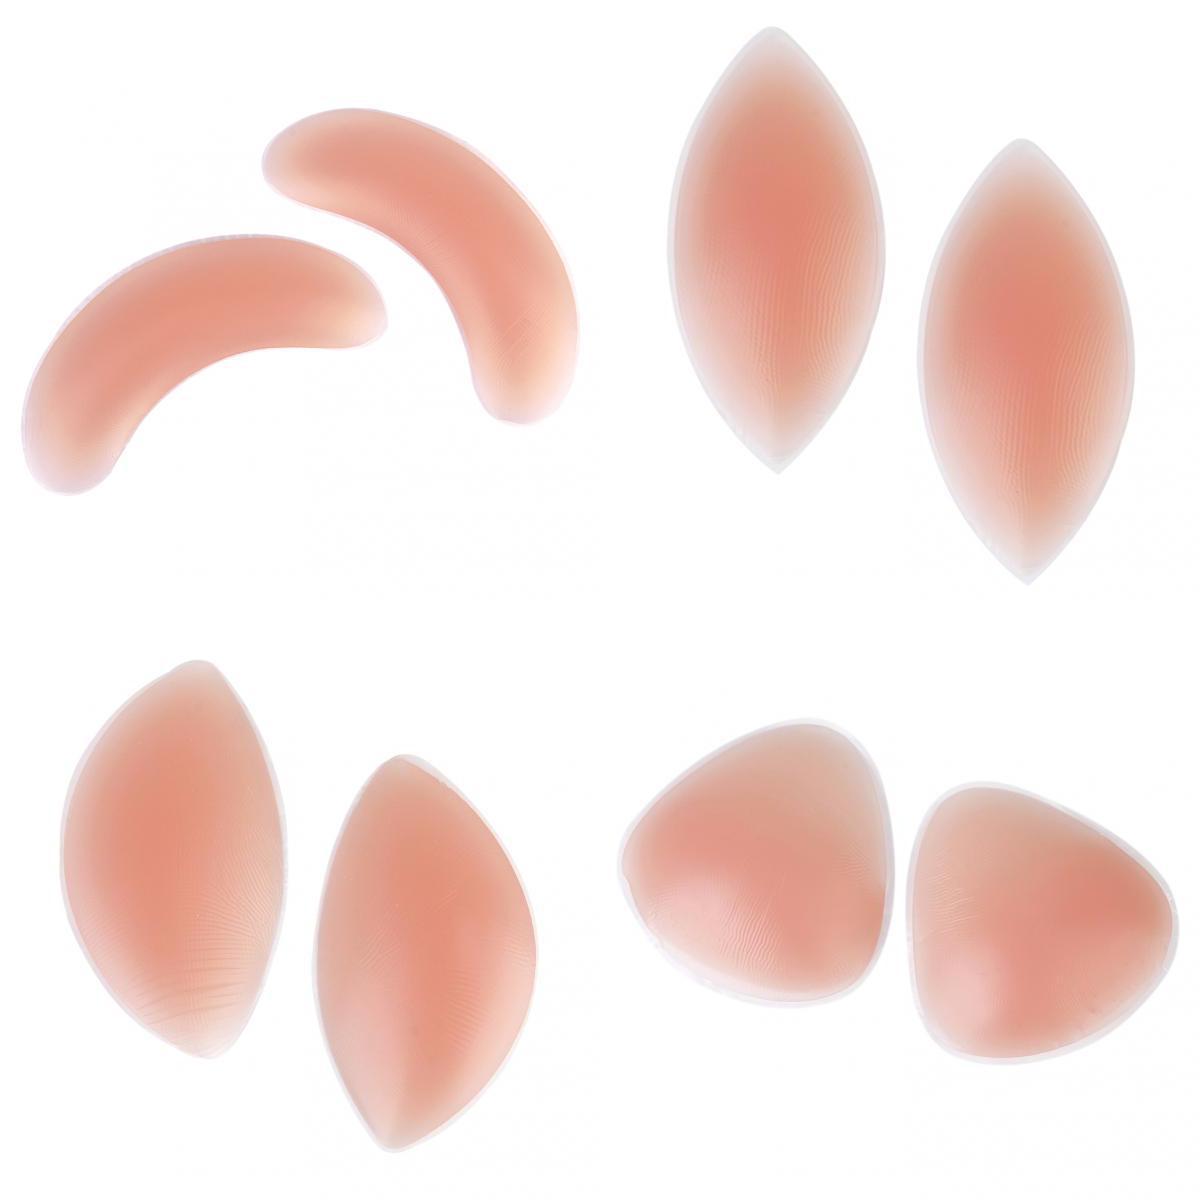 4PAIR Mixed Silicone Gel Bikini Swimwear Bra Insert Breast Enhancer Push up Pads